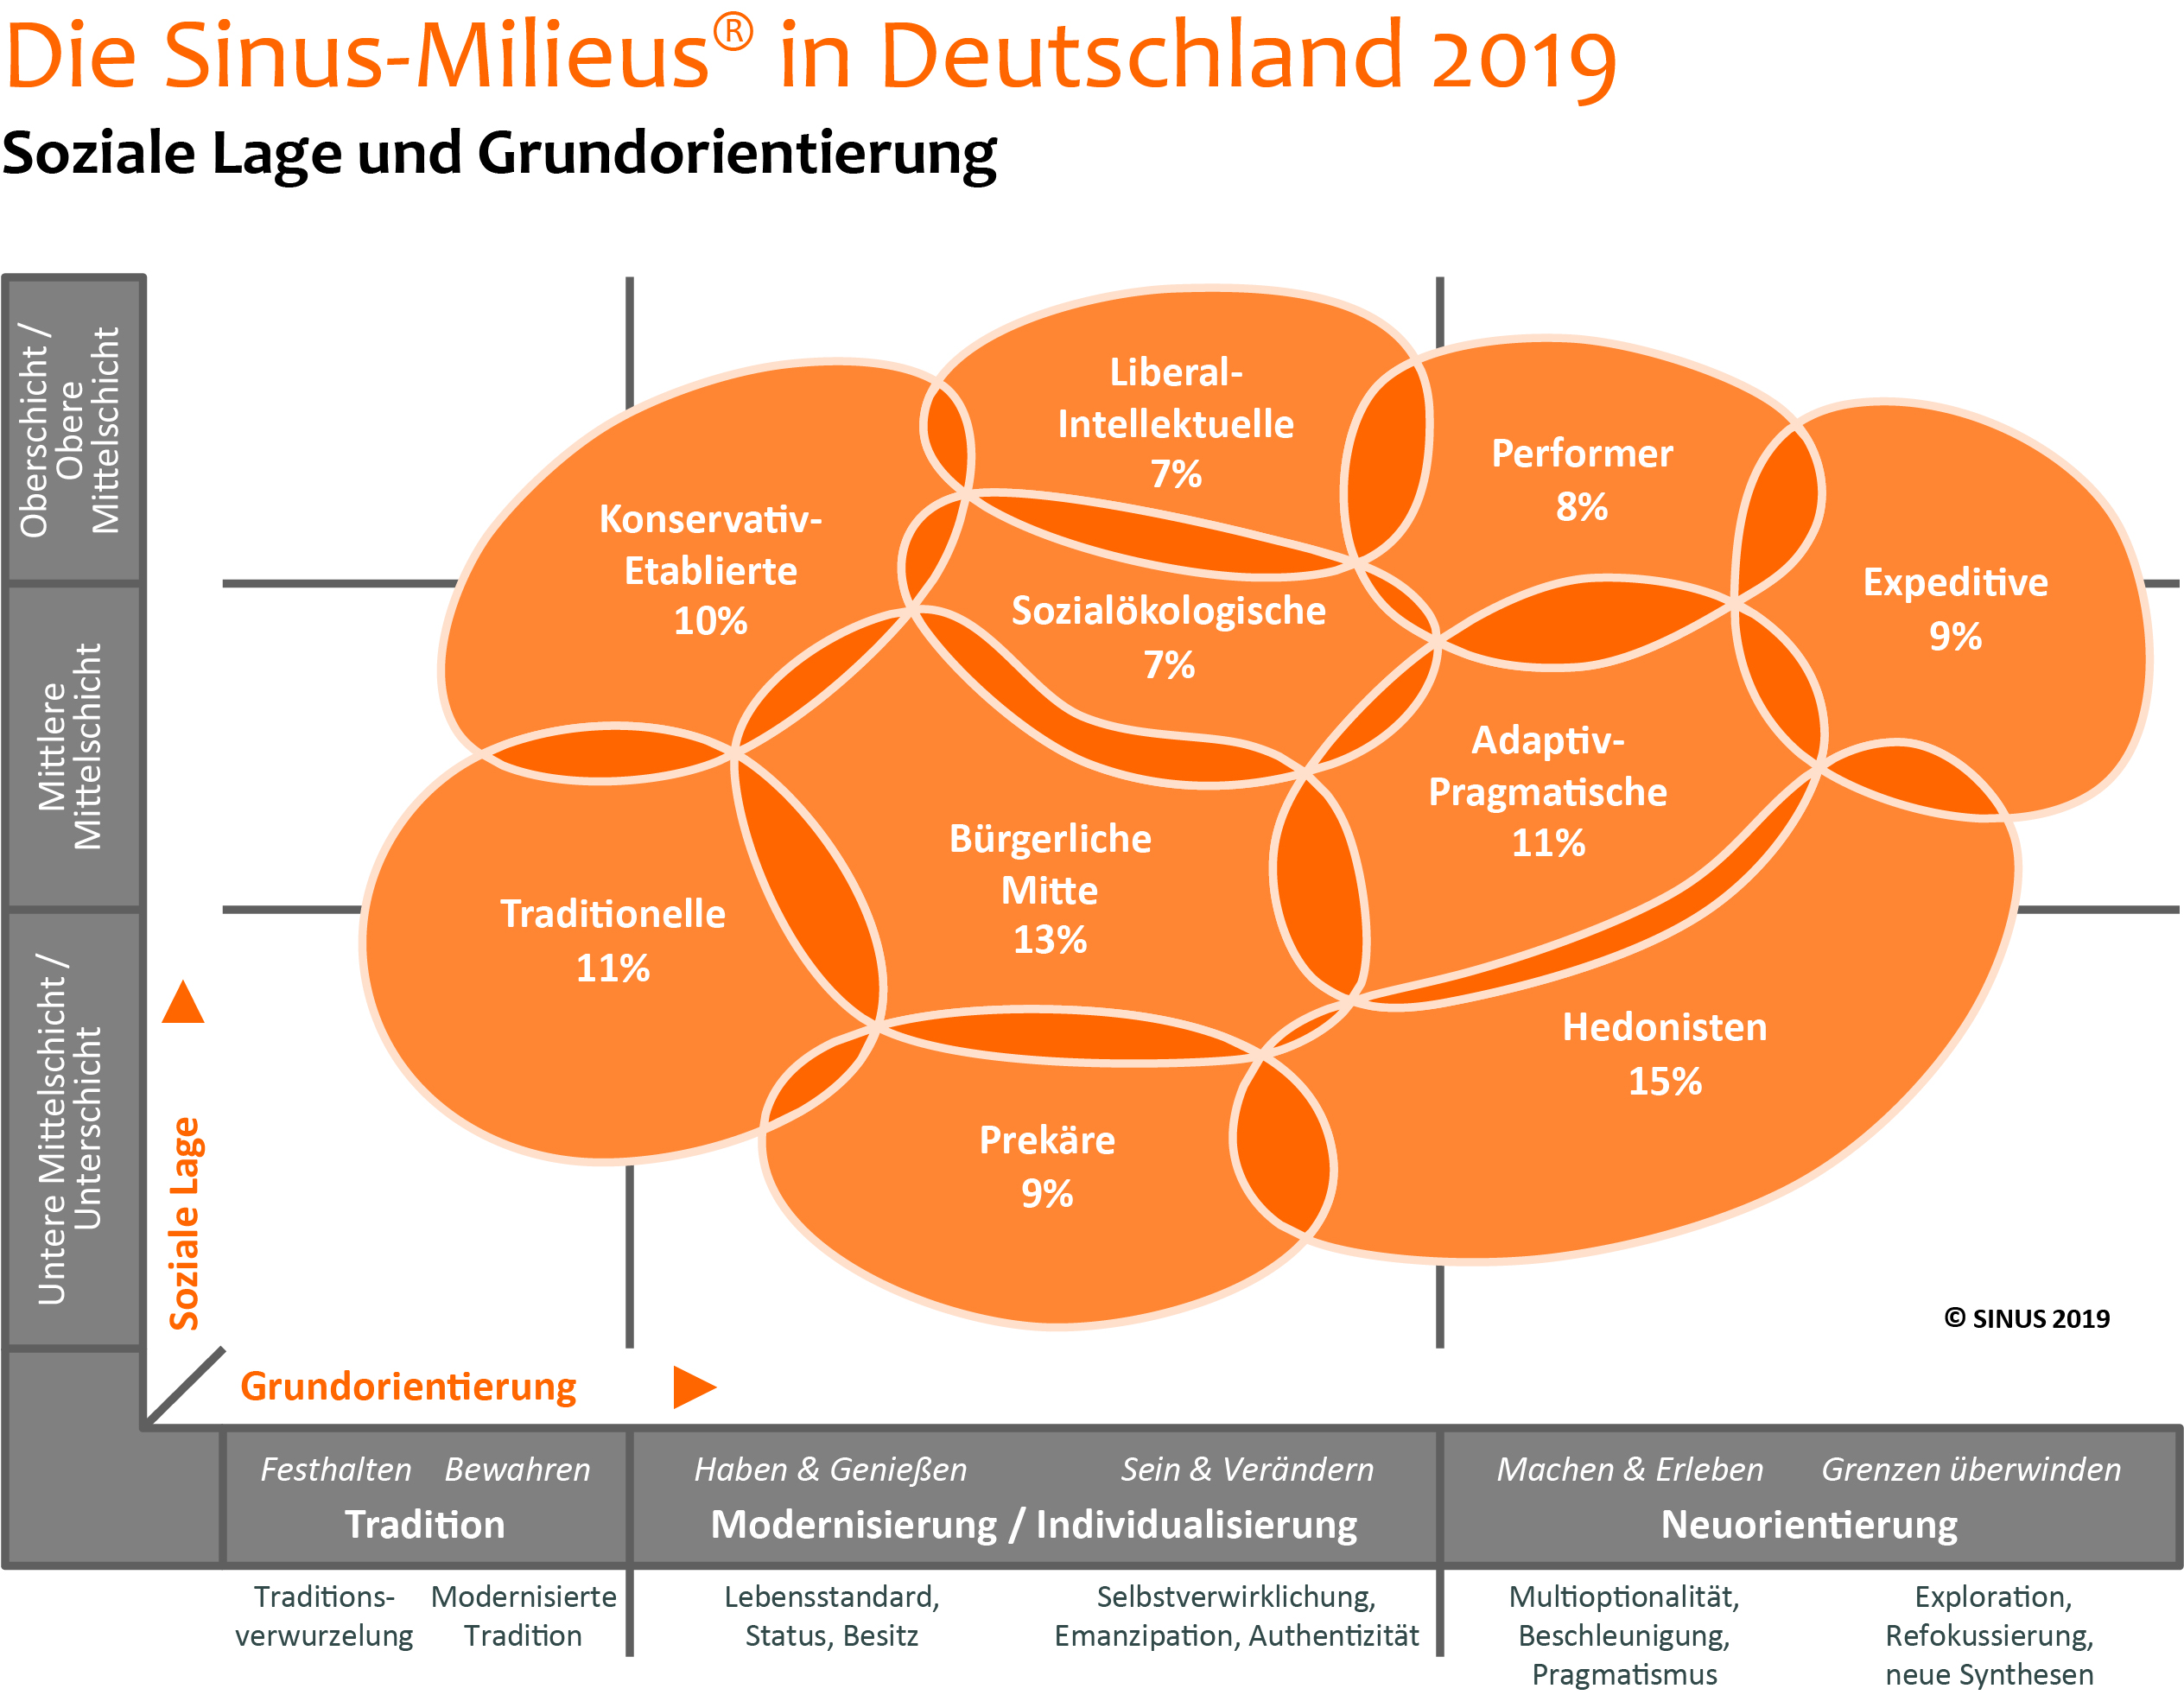 2019-03-20_die_sinus-milieus_in_deutschl